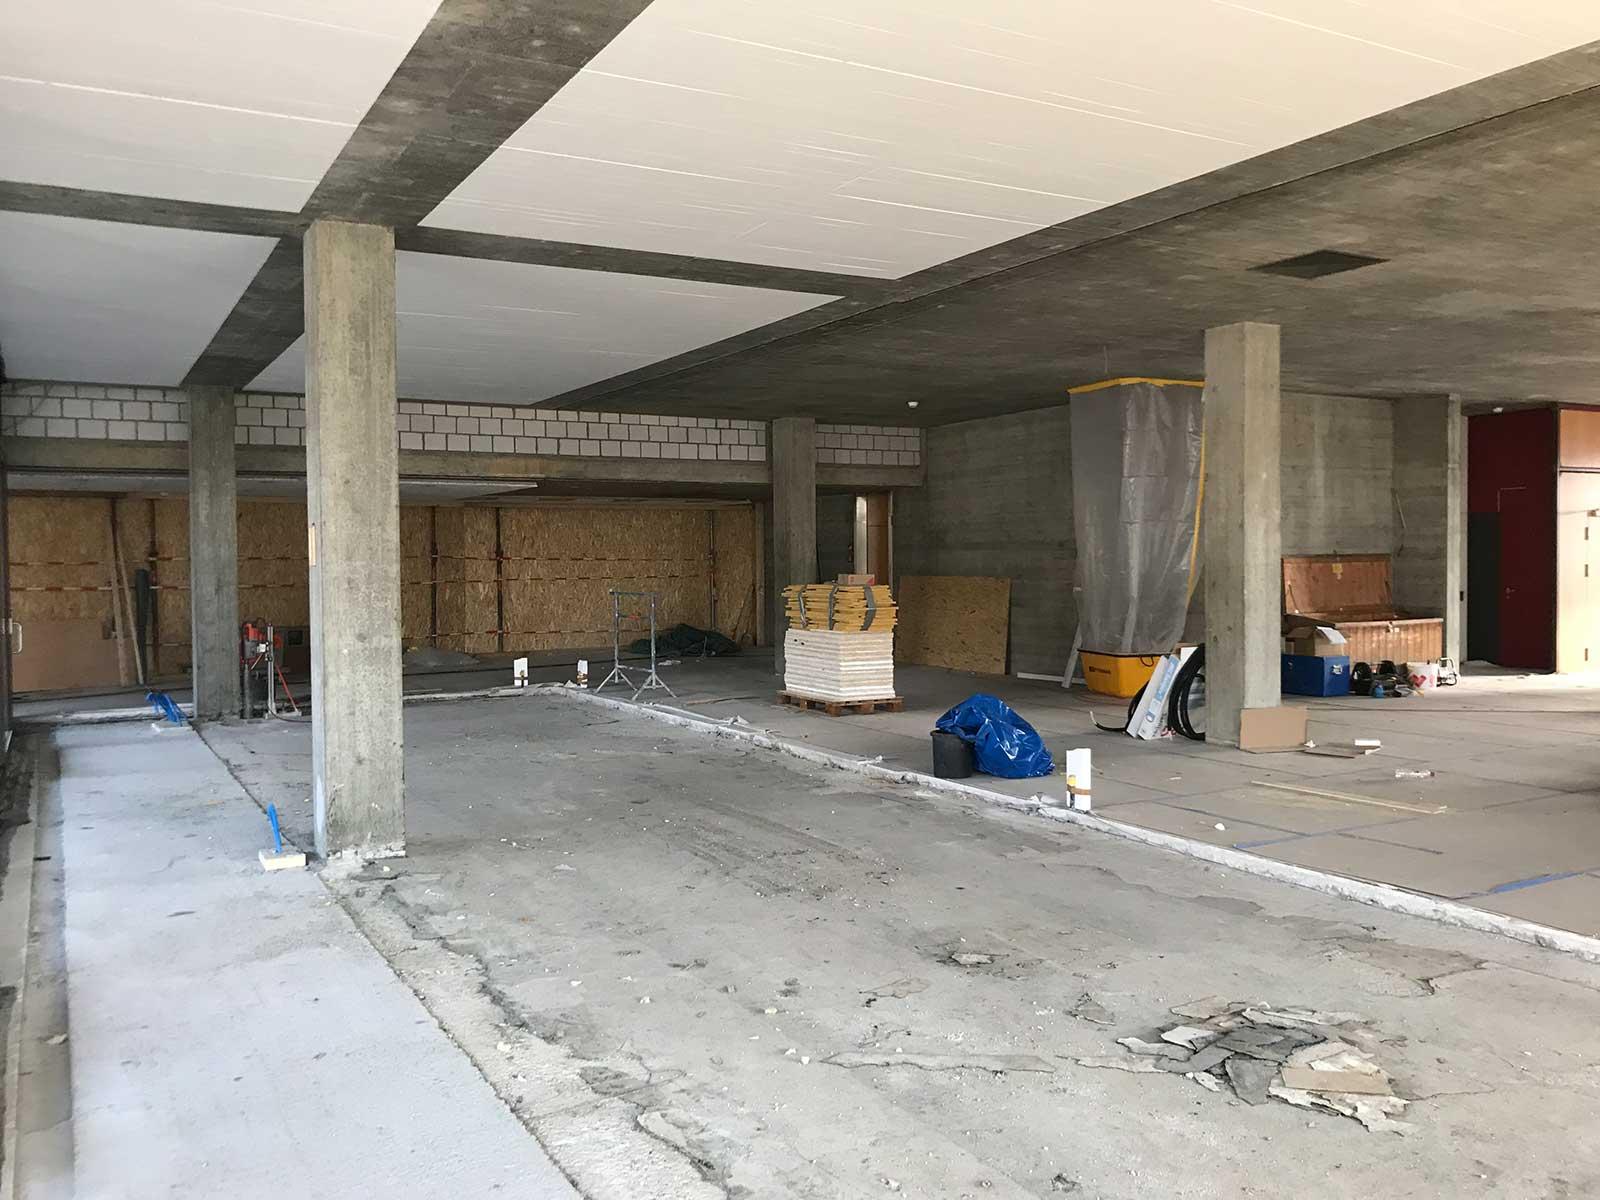 Rohbau Erweiterung Speisesaal Sanierung und Erweiterung Alters- und Pflegeheim Redernweg Biel/Bienne